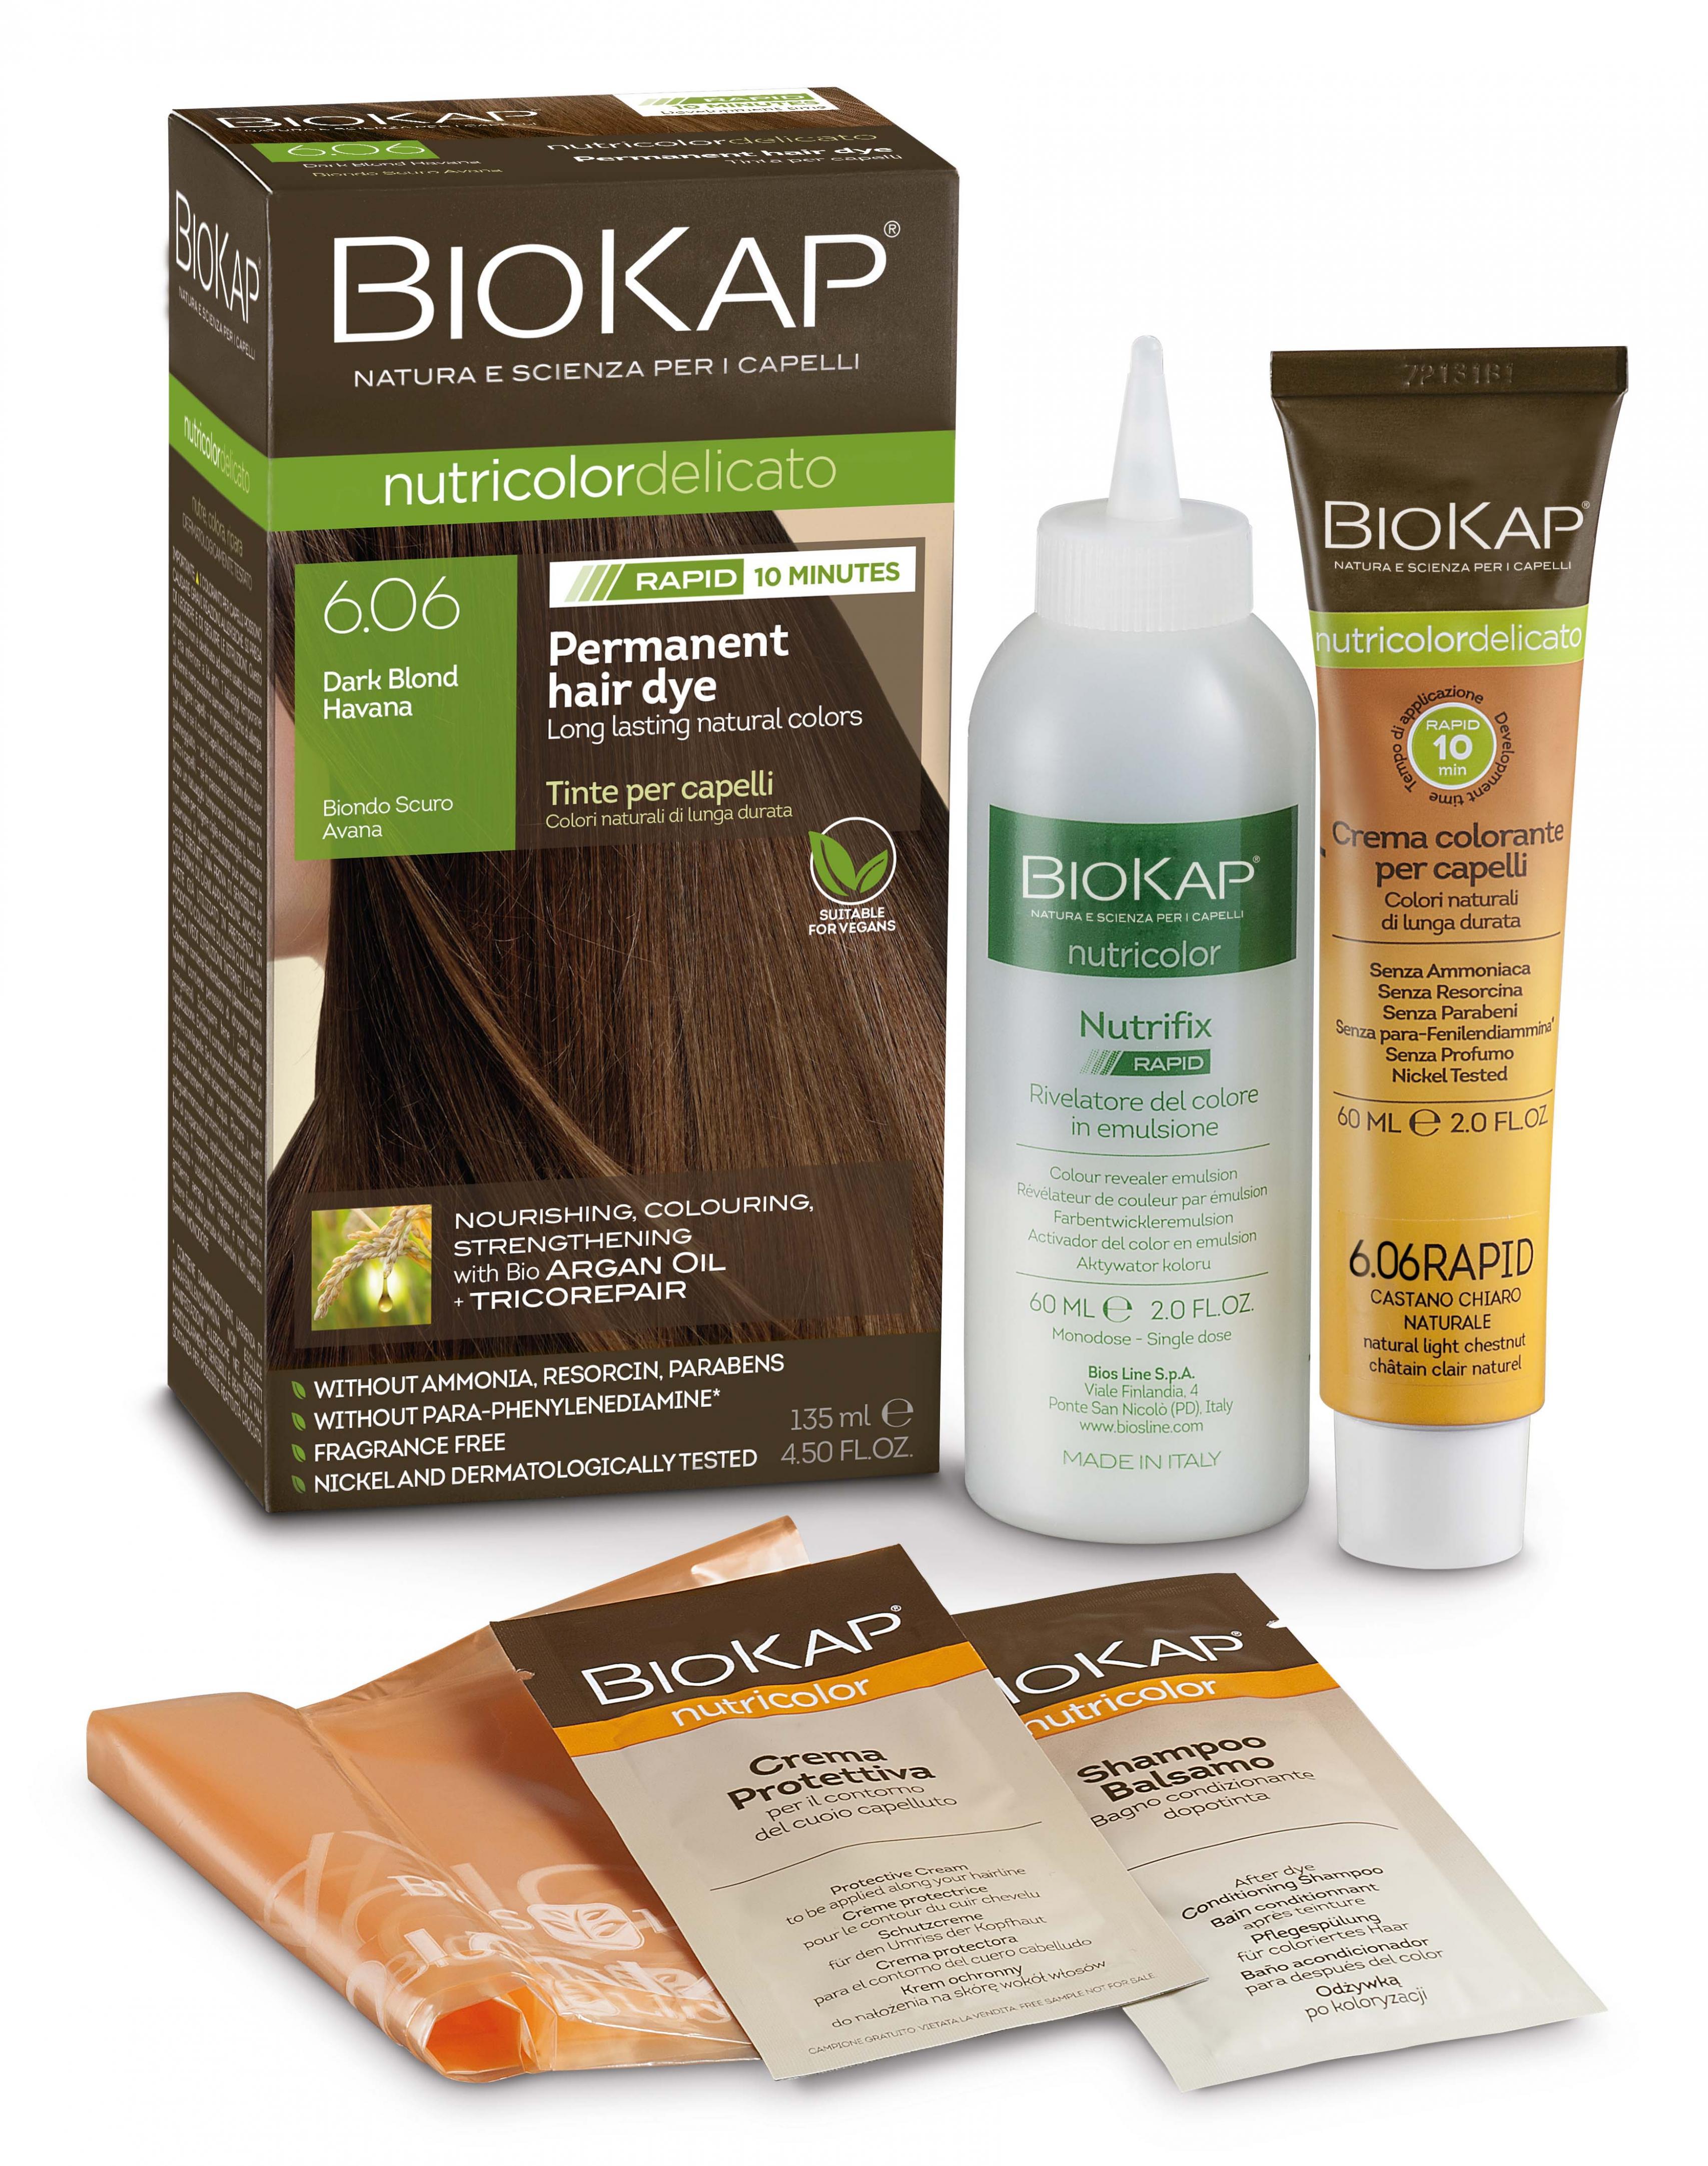 Dark Blond Havana 6.06 Rapid Hair Dye 135ml